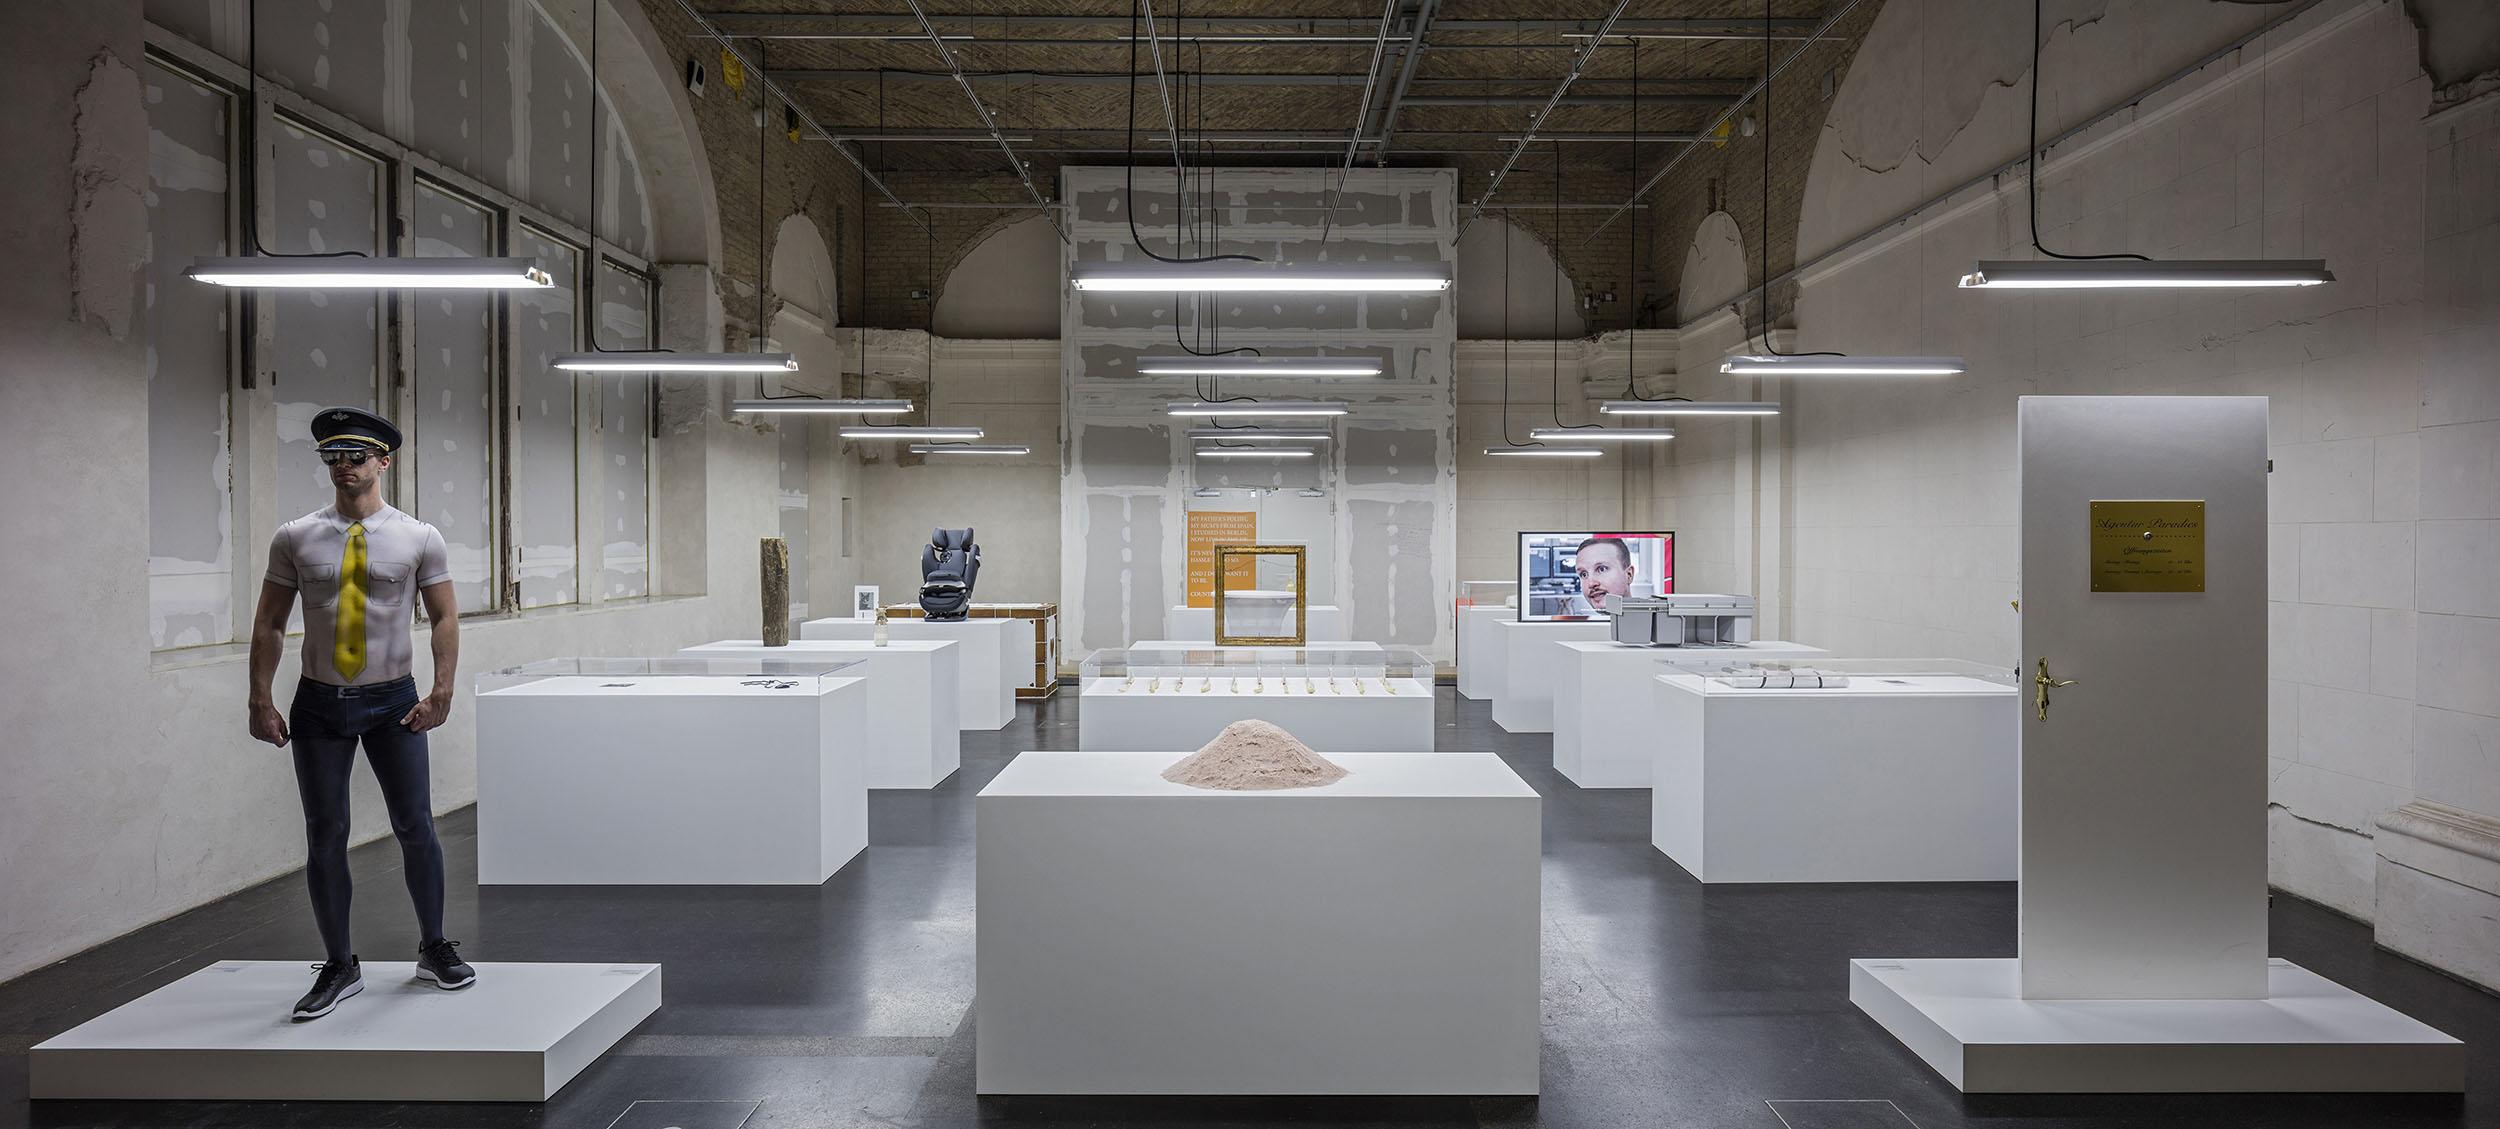 Simon Fujiwara. The Happy Museum, Berlin Biennale 9, 2016